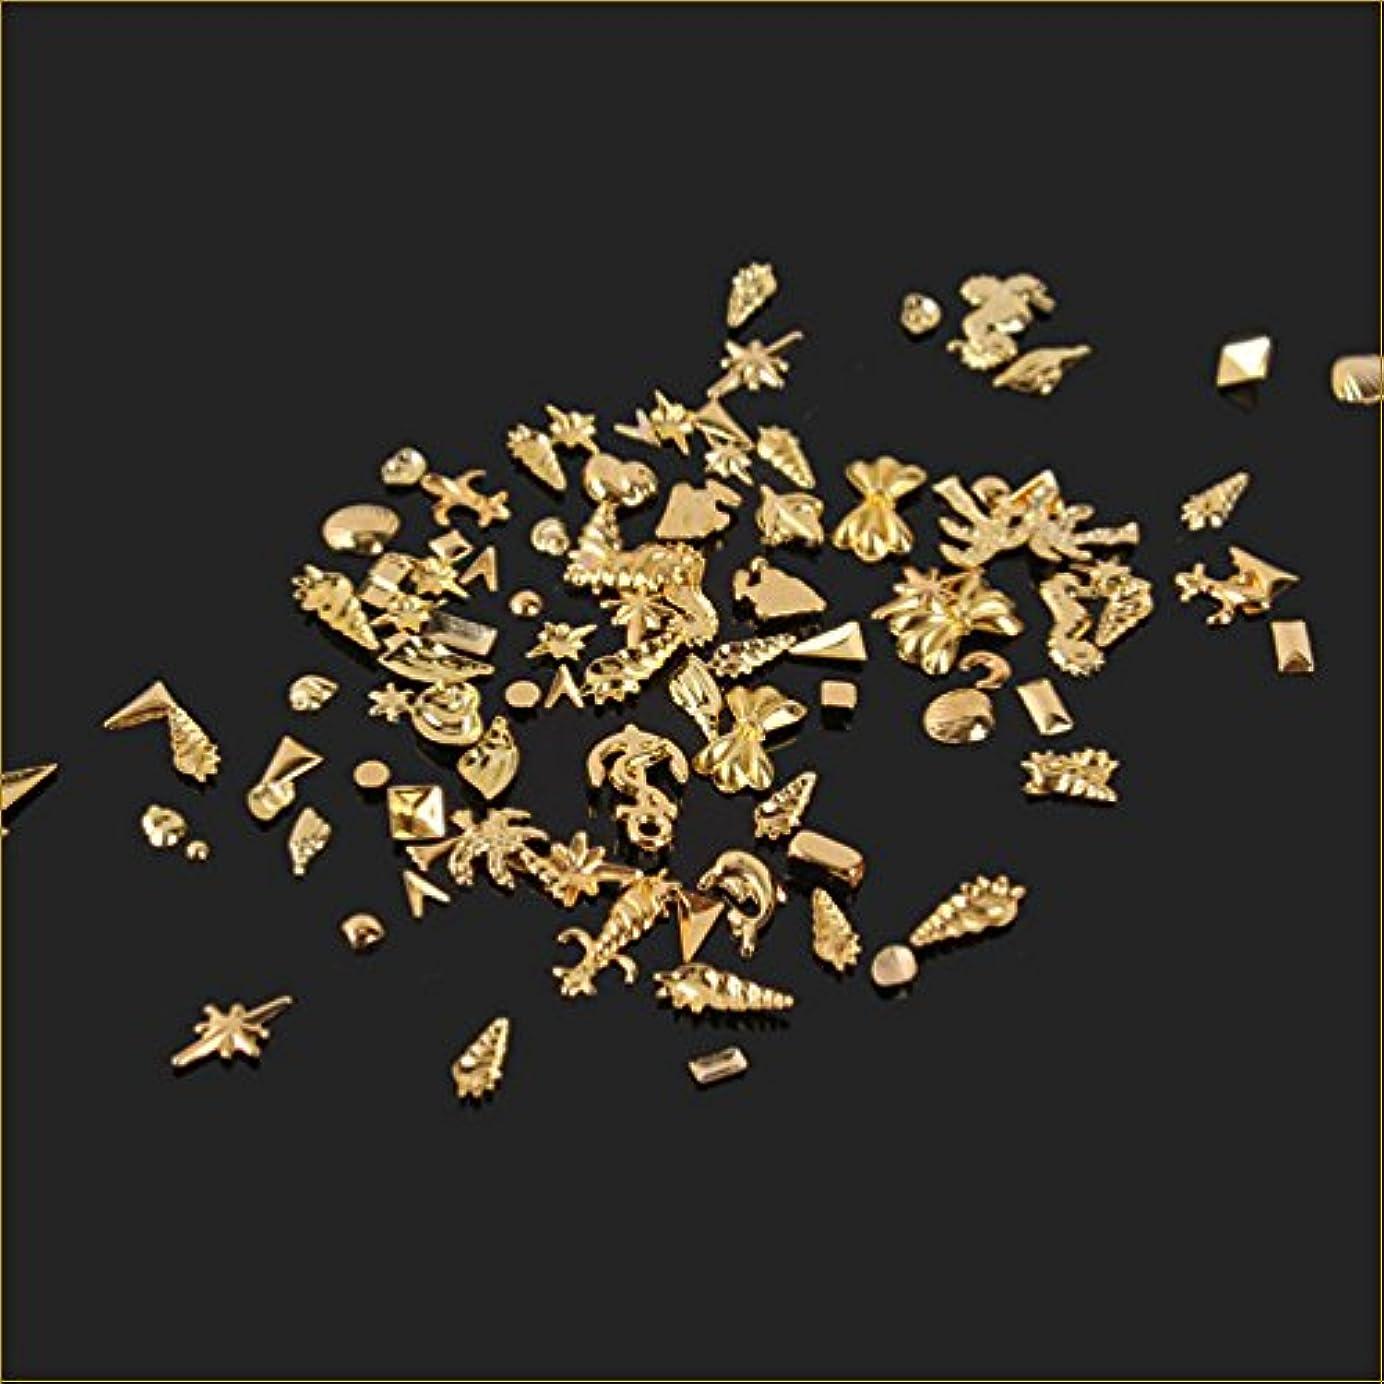 異議肉くつろぐネイルパーツ シェルパーツ ネイルアートパーツ 貝海系 100個入りサマーゴールド スタッズ ジェルネイル